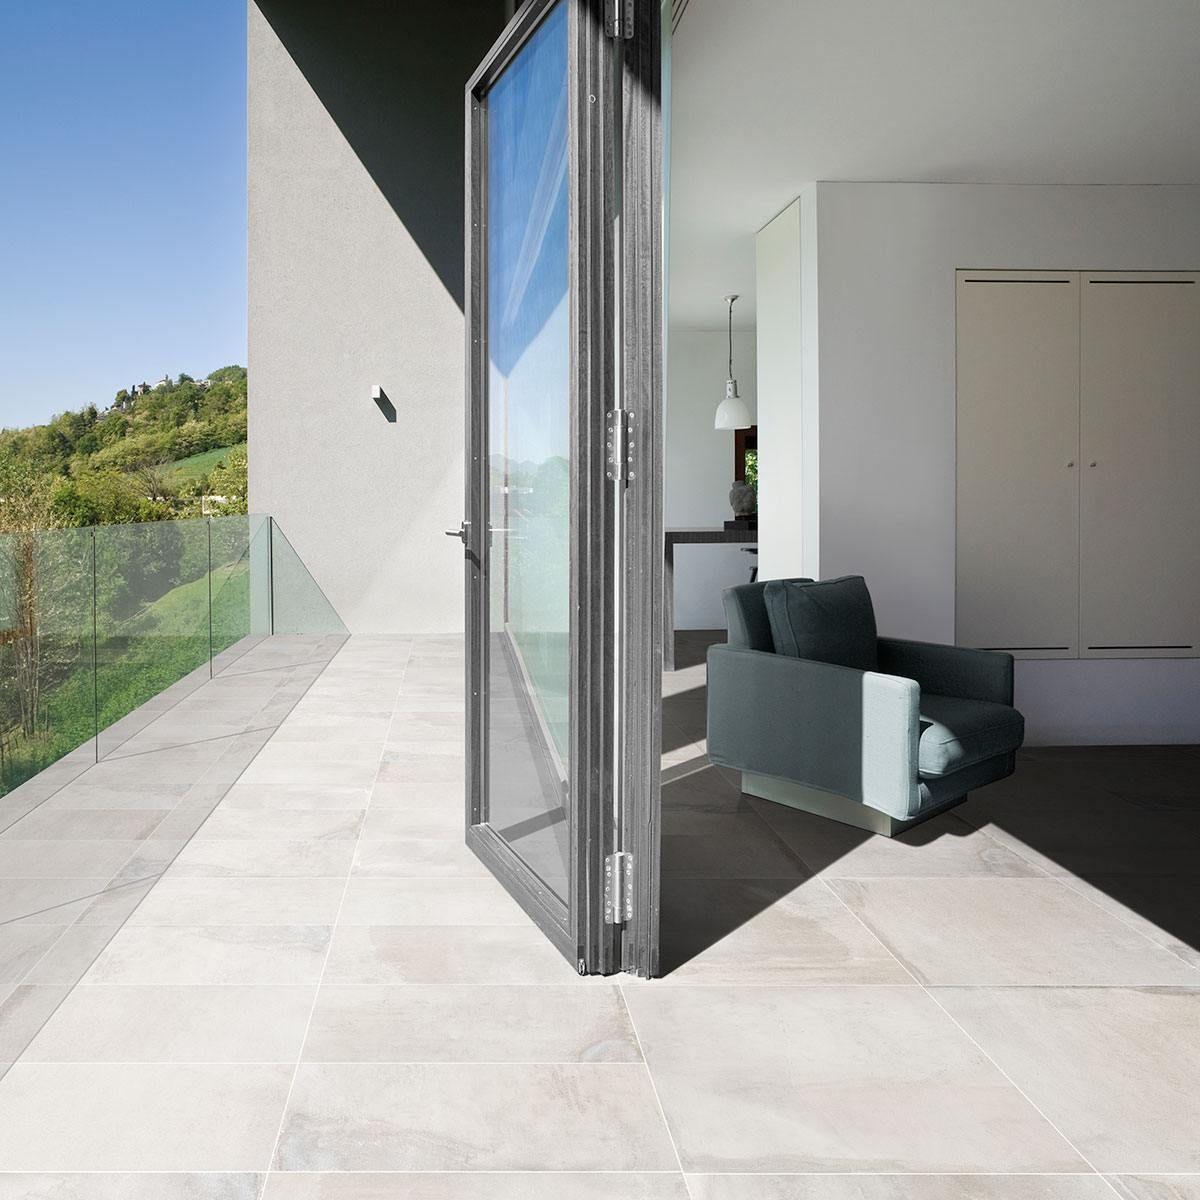 Concept White Concrete floors, Polished concrete, Flooring